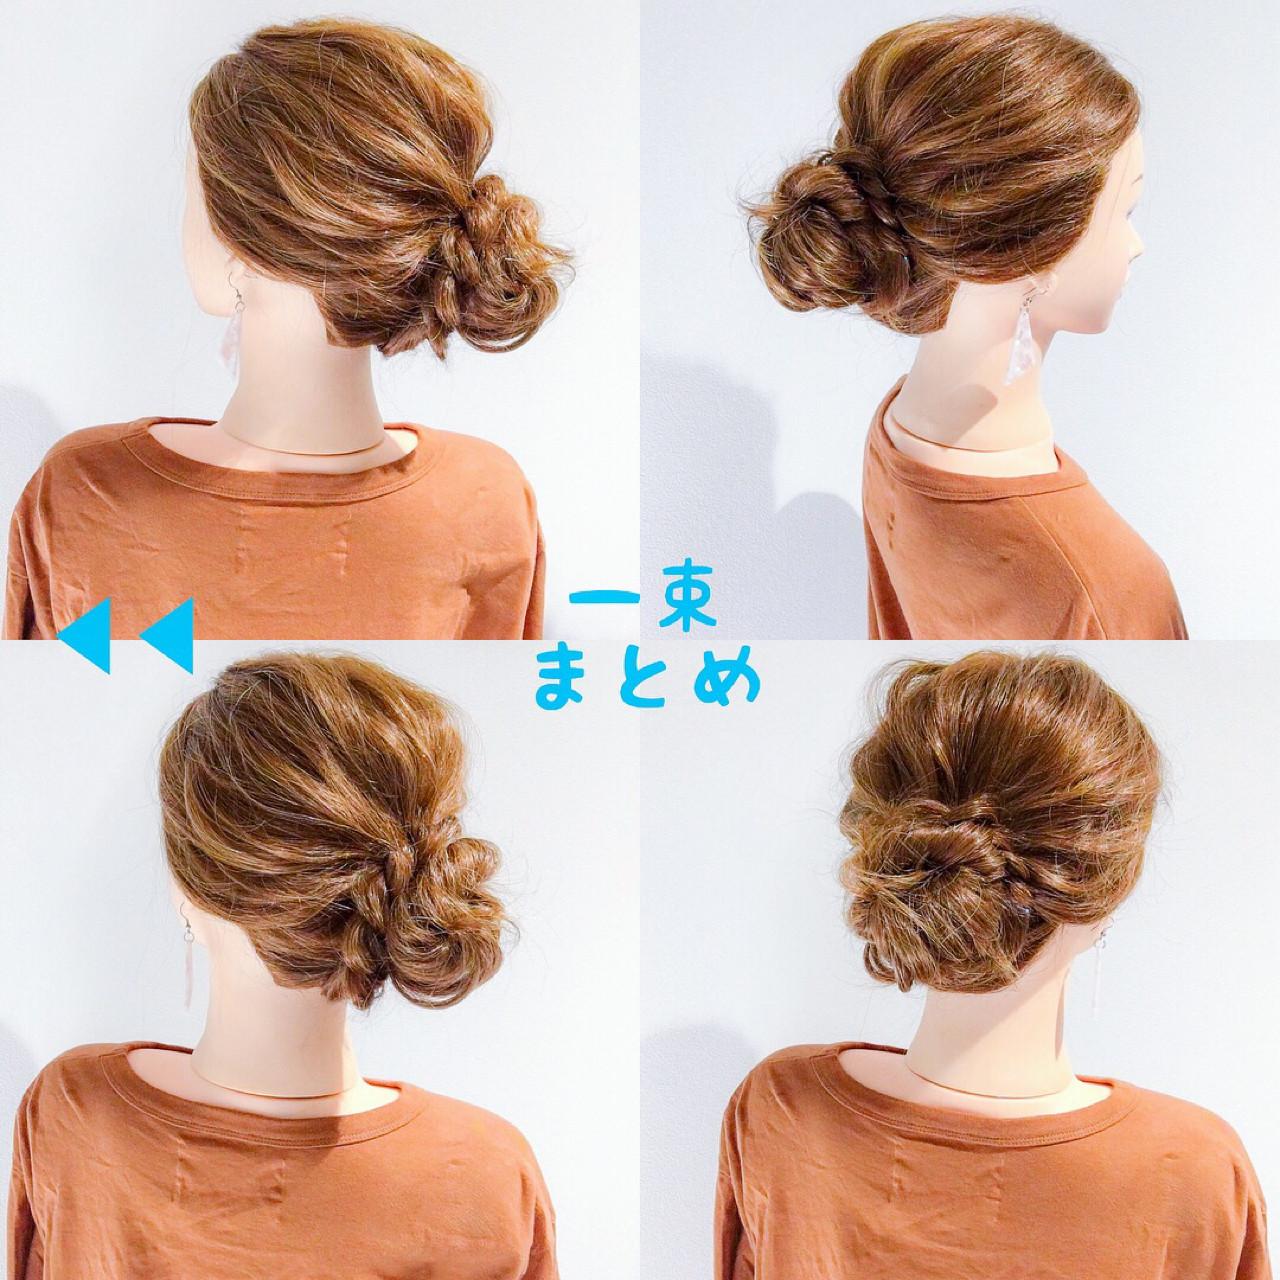 オフィス ヘアアレンジ セミロング 簡単ヘアアレンジ ヘアスタイルや髪型の写真・画像 | 美容師HIRO/Amoute代表 / Amoute/アムティ